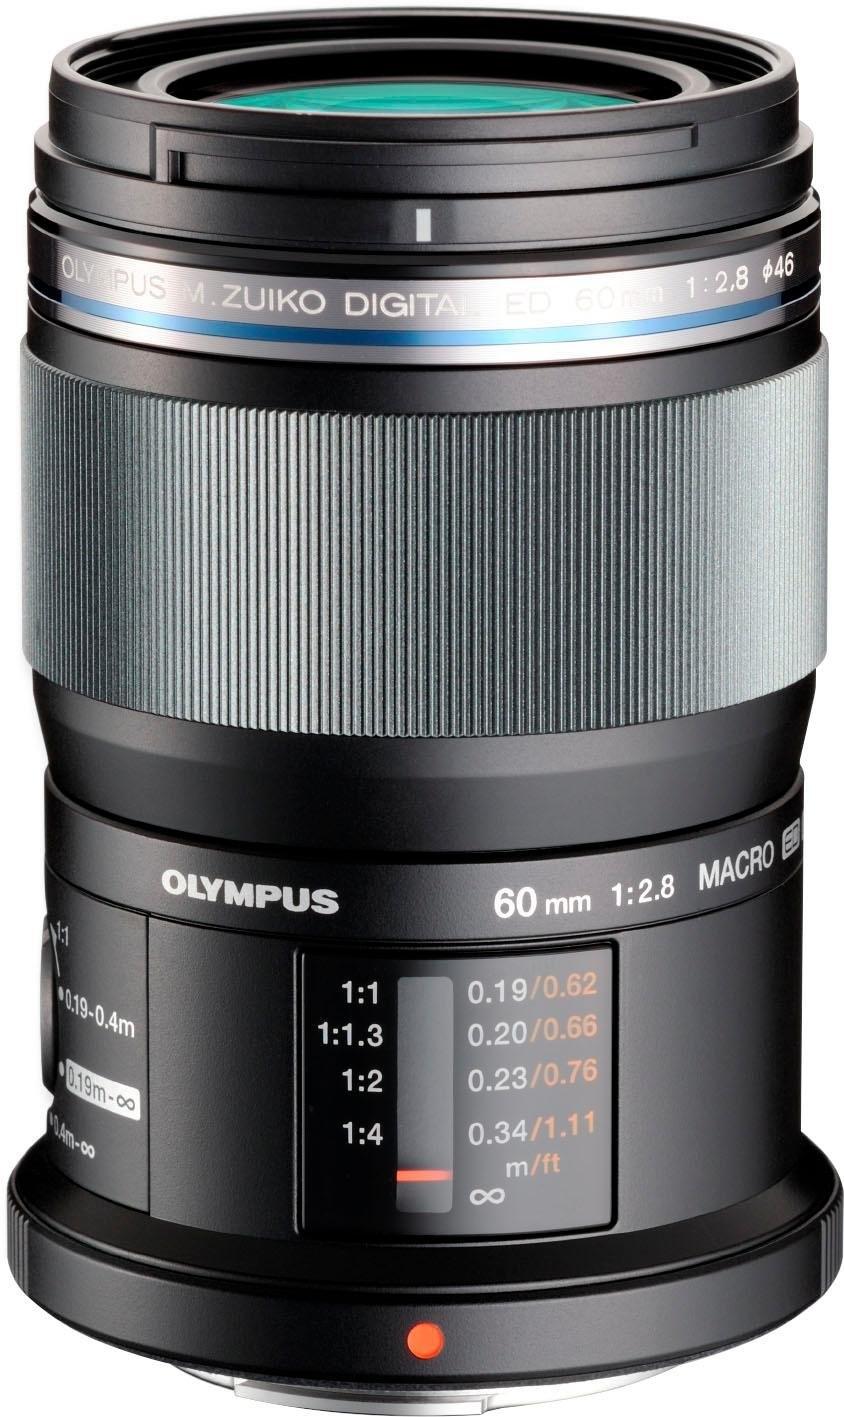 Olympus Macro-objectief M.ZUIKO DIGITAL ED 60 mm nu online kopen bij OTTO